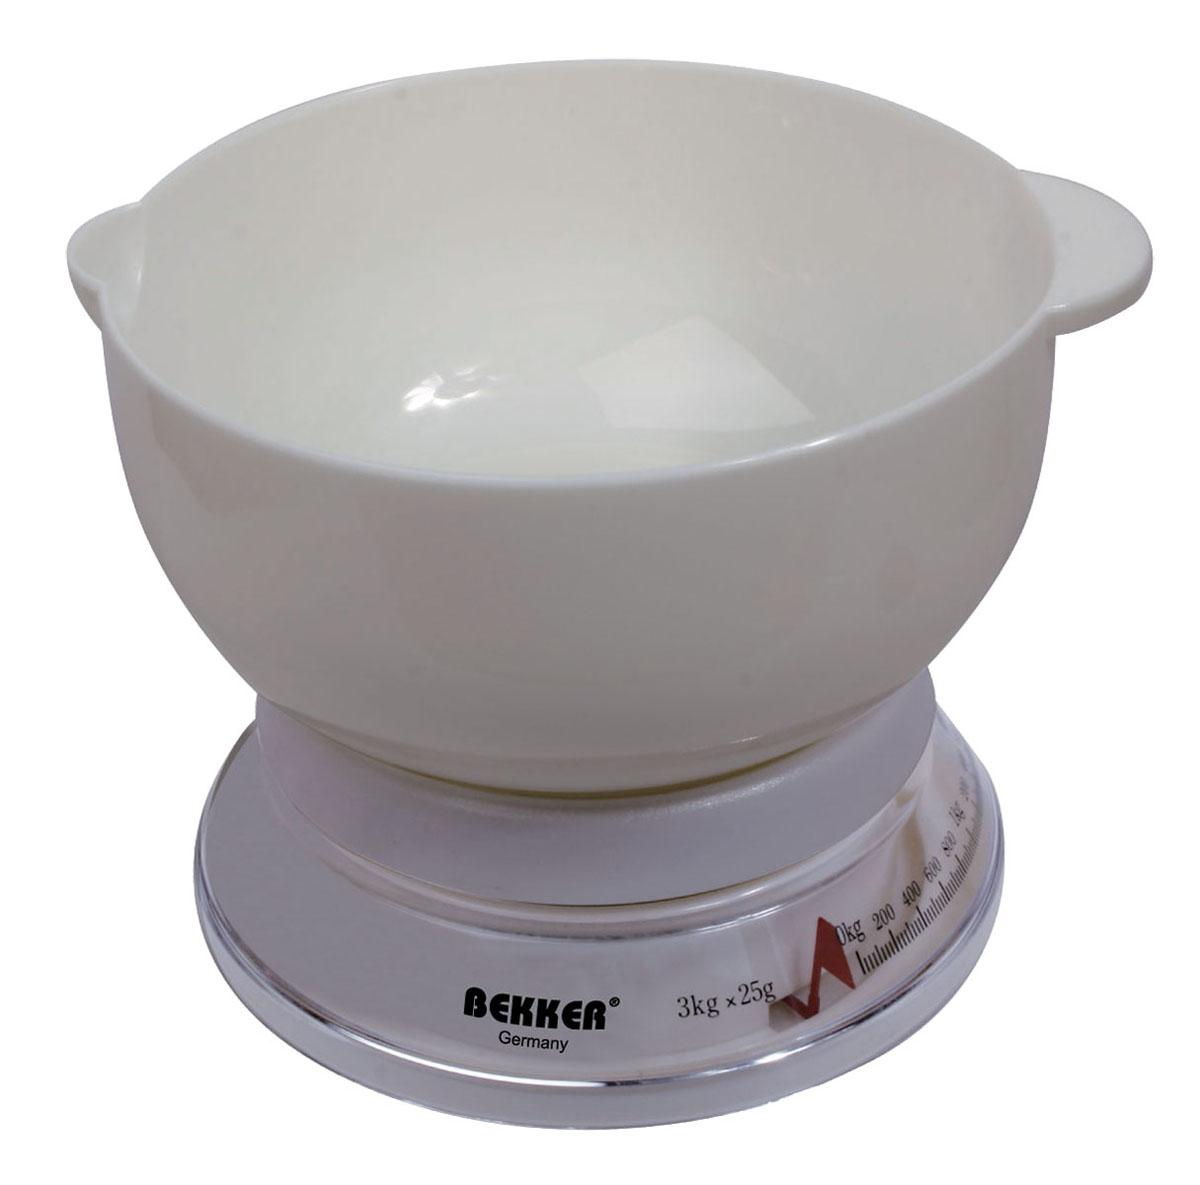 Весы кухонные Bekker BK-23, до 3 кгBK-23Удобные и практичные кухонные весы Bekker BK-23 обеспечивают высокую точность измерений. Весы выполнены пластика и легко впишутся в любой современный кухонный интерьер. Характеристики: Материал: пластик, металл. Объем чаши: 2 л. Цена деления: 25 г. Размер упаковки: 19 см х 19 см х 9 см. Артикул: BK-23.